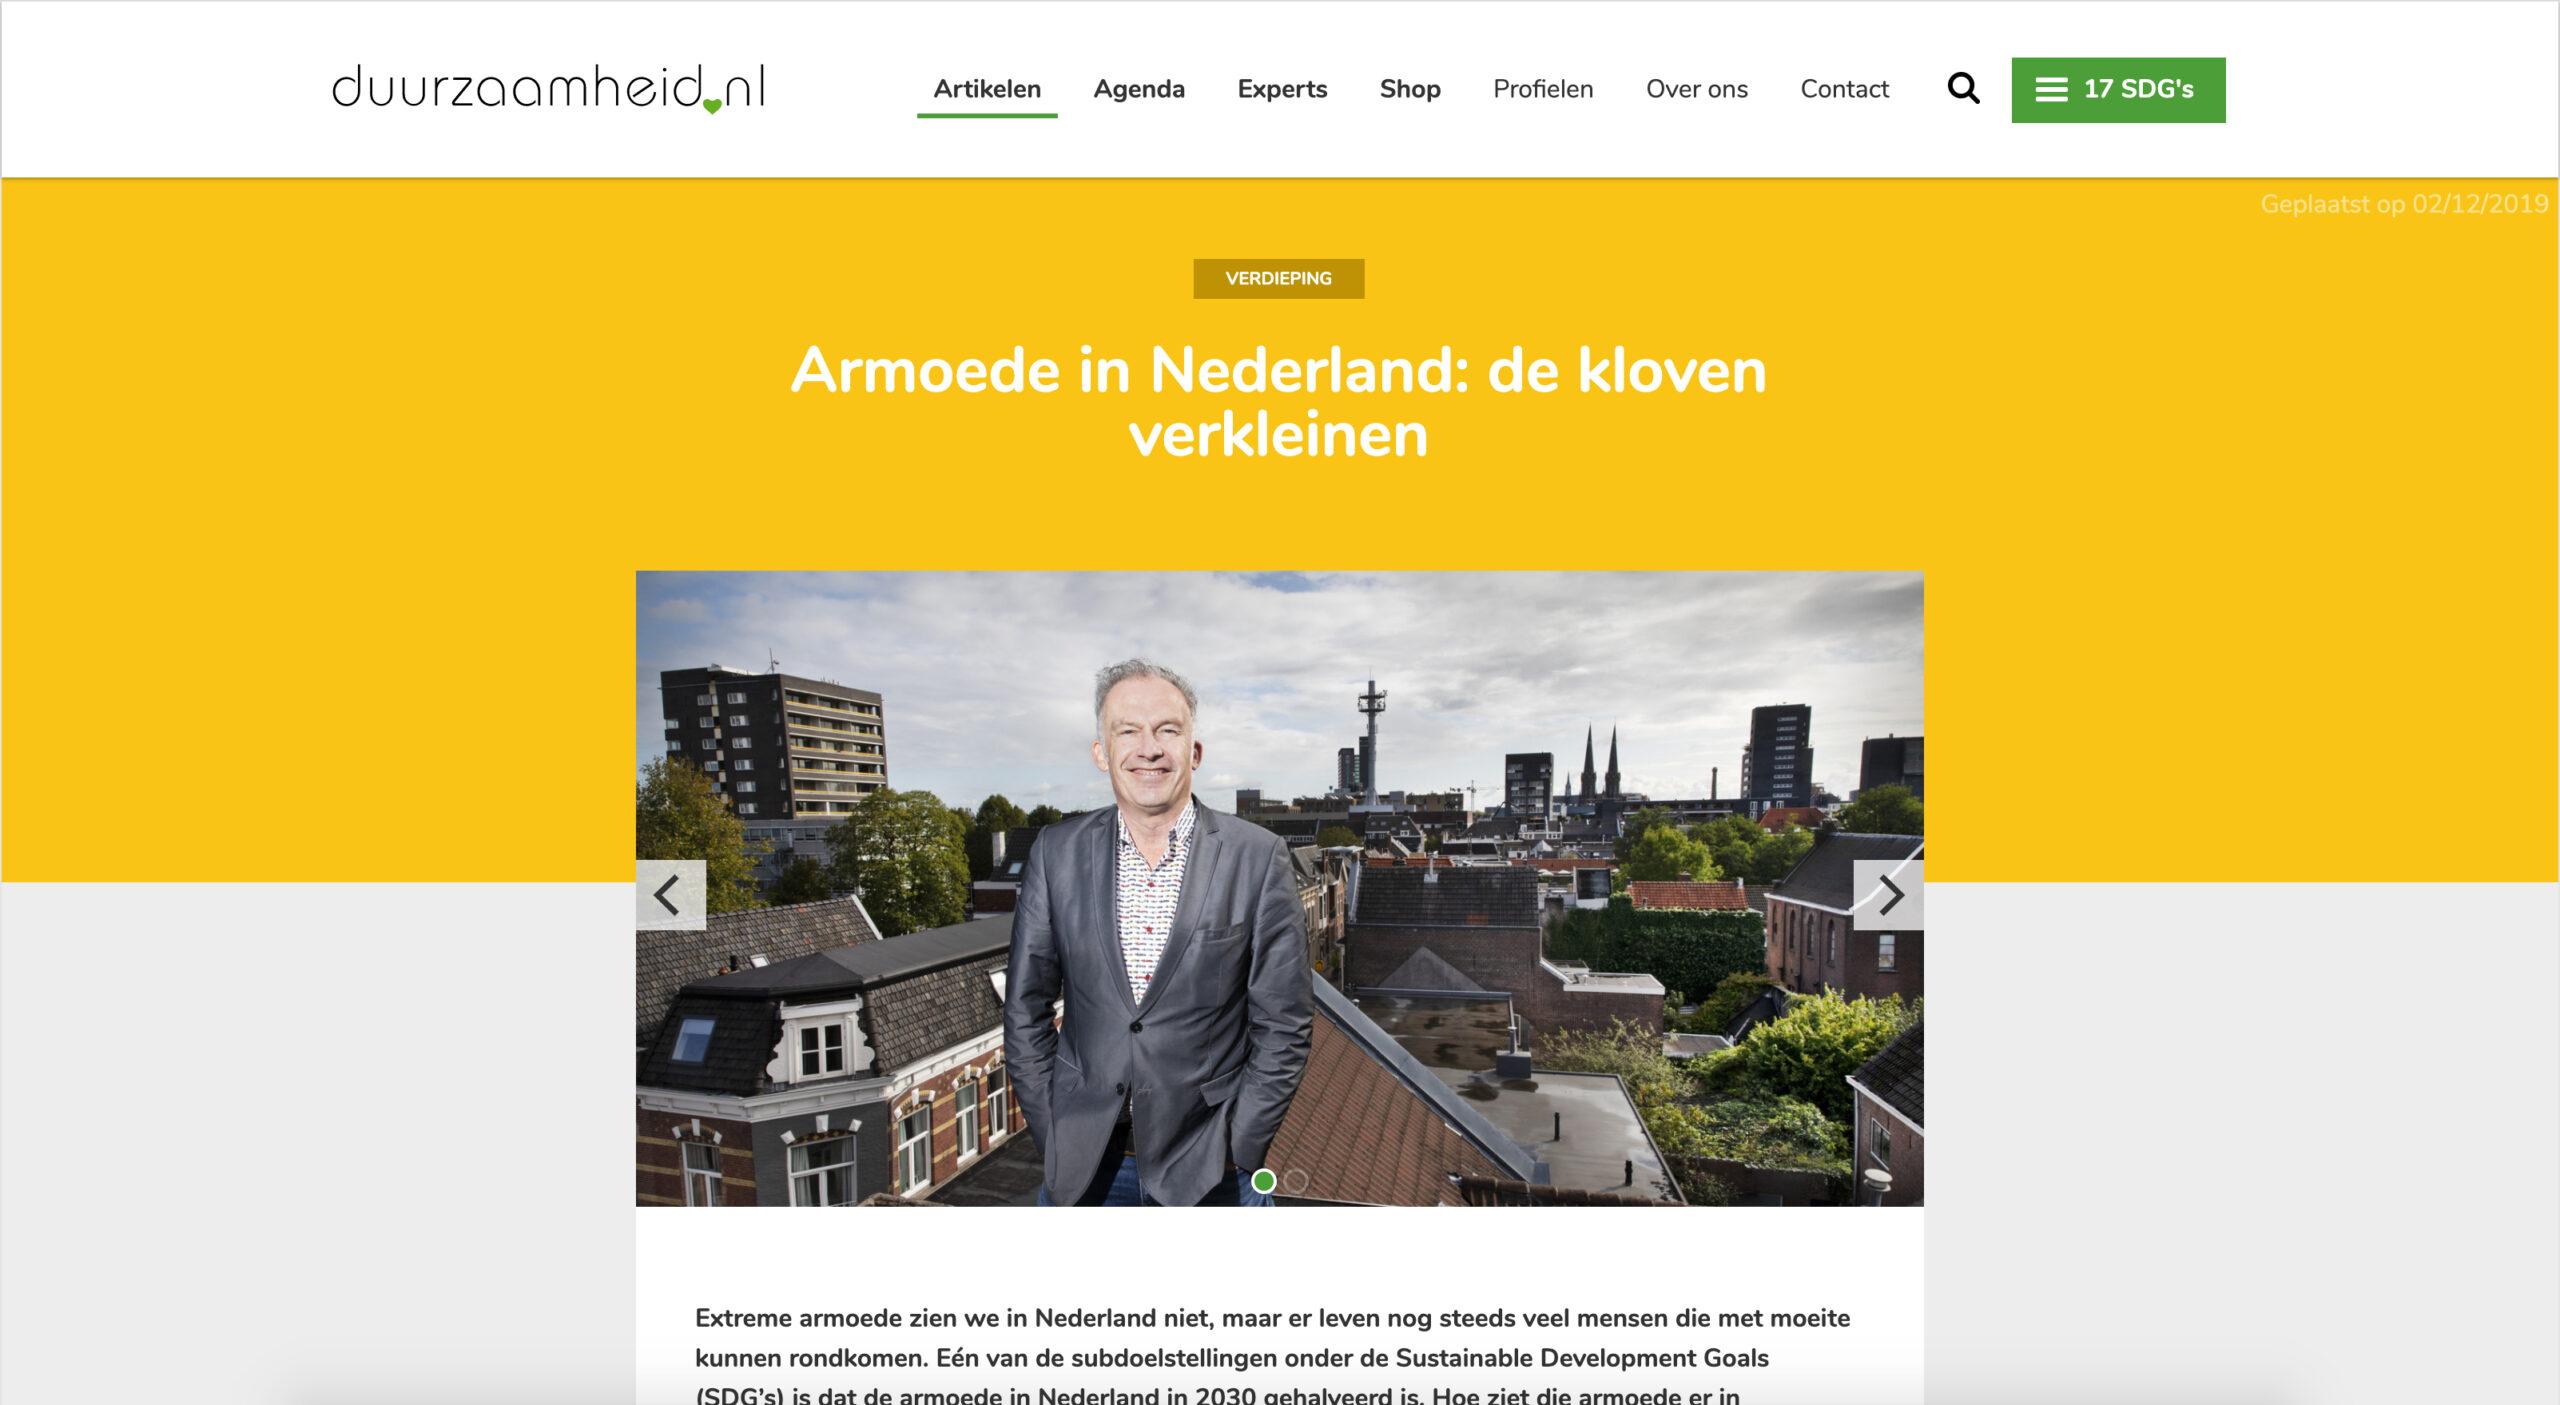 Armoede In Nederland: De Kloven Verkleinen